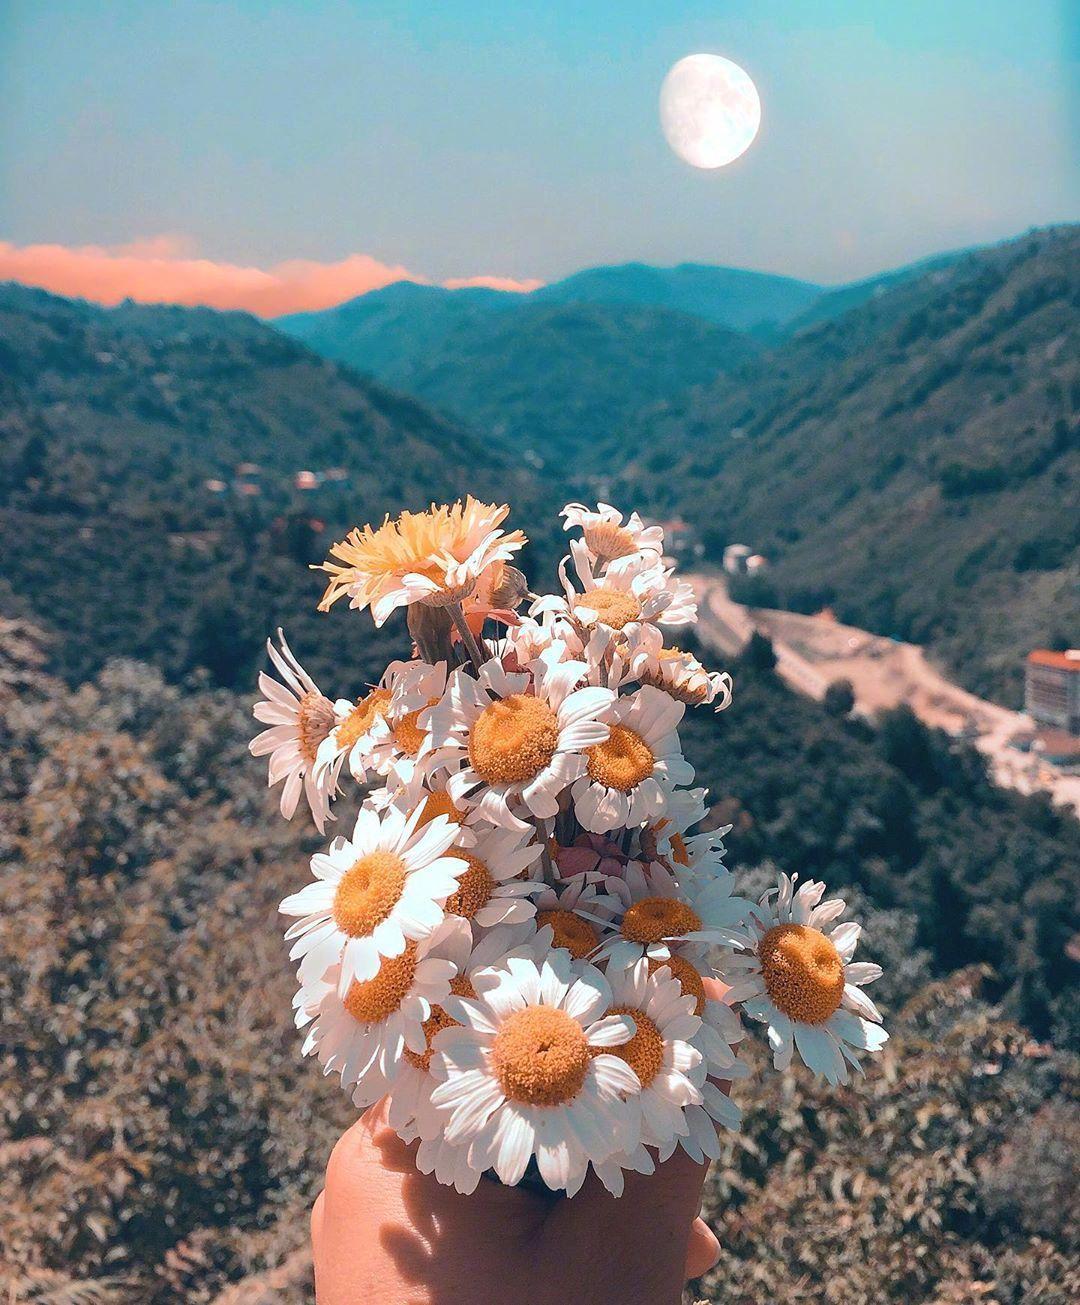 送你一束秋日的小雏菊。